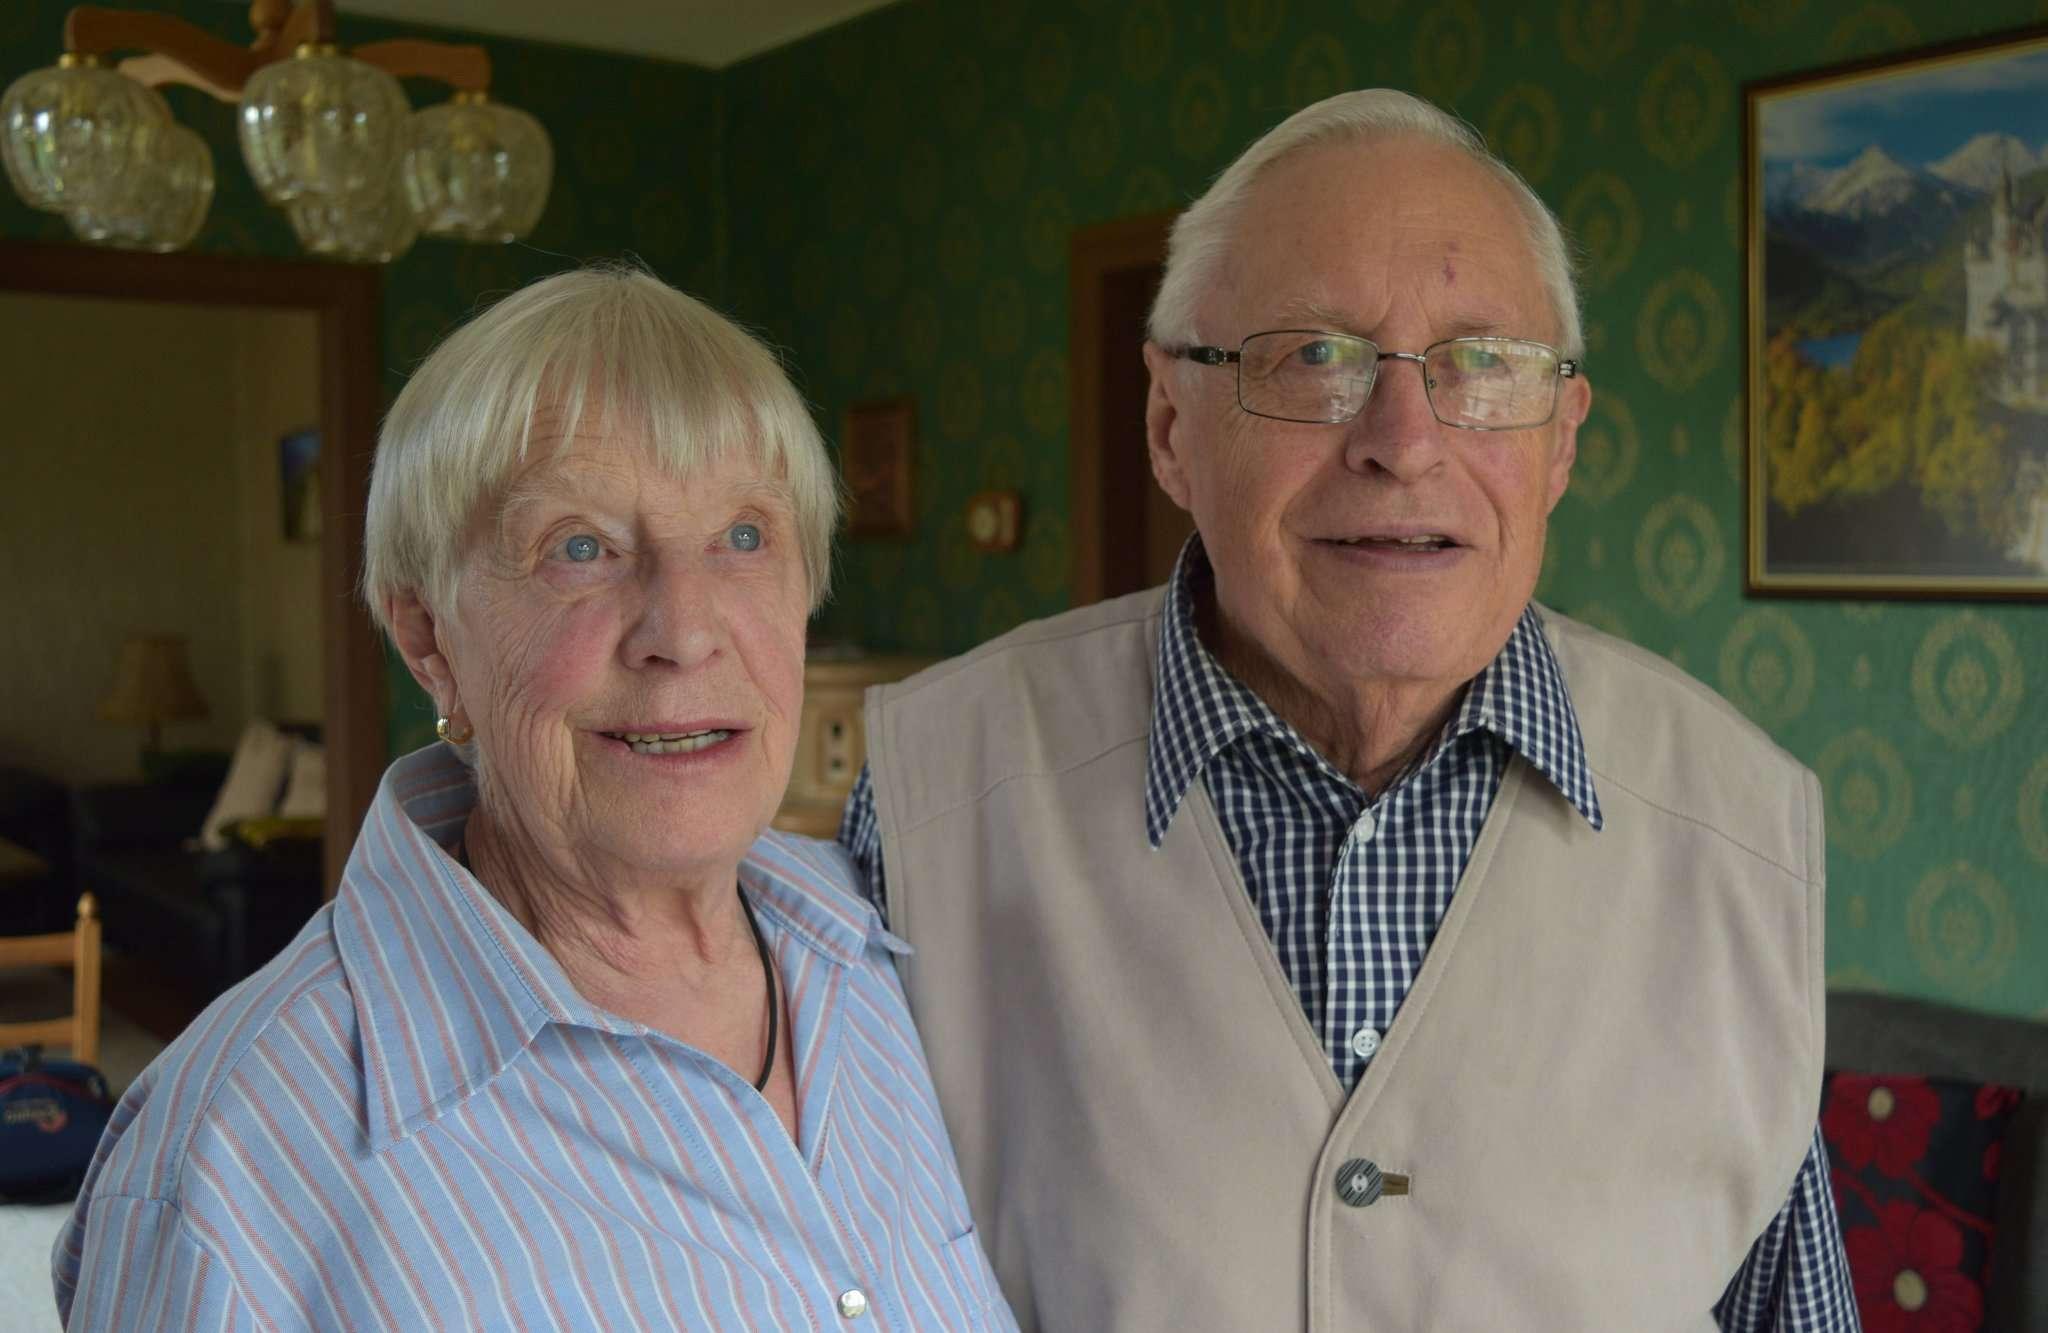 Martha und Hermann Lindes blicken gern auf die gemeinsamen Ehejahre zurück u2013 und davon gibt es reichlich, denn sie sind schon 60 Jahre verheiratet.